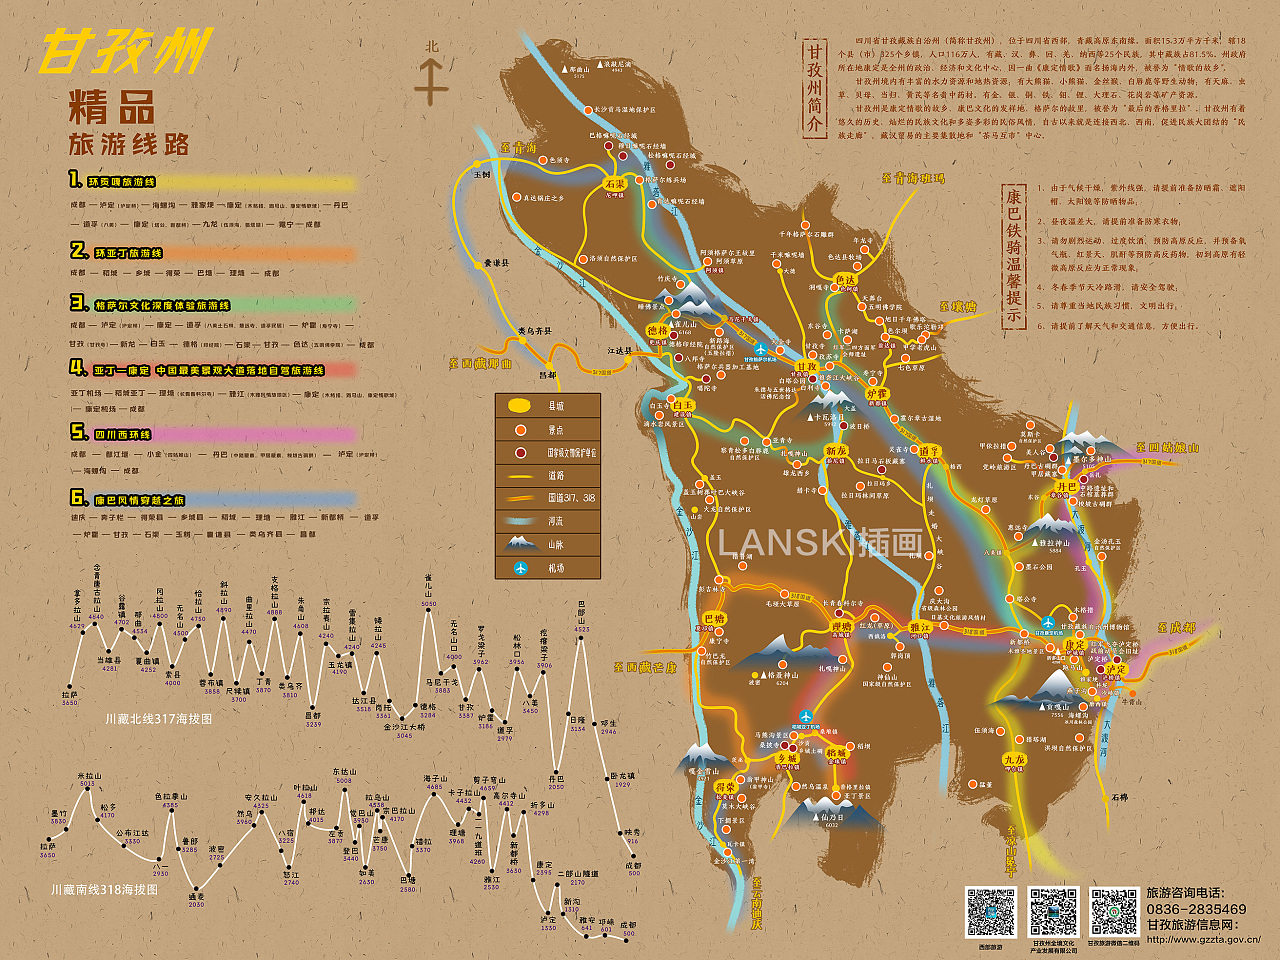 四川甘孜州旅游手绘地图